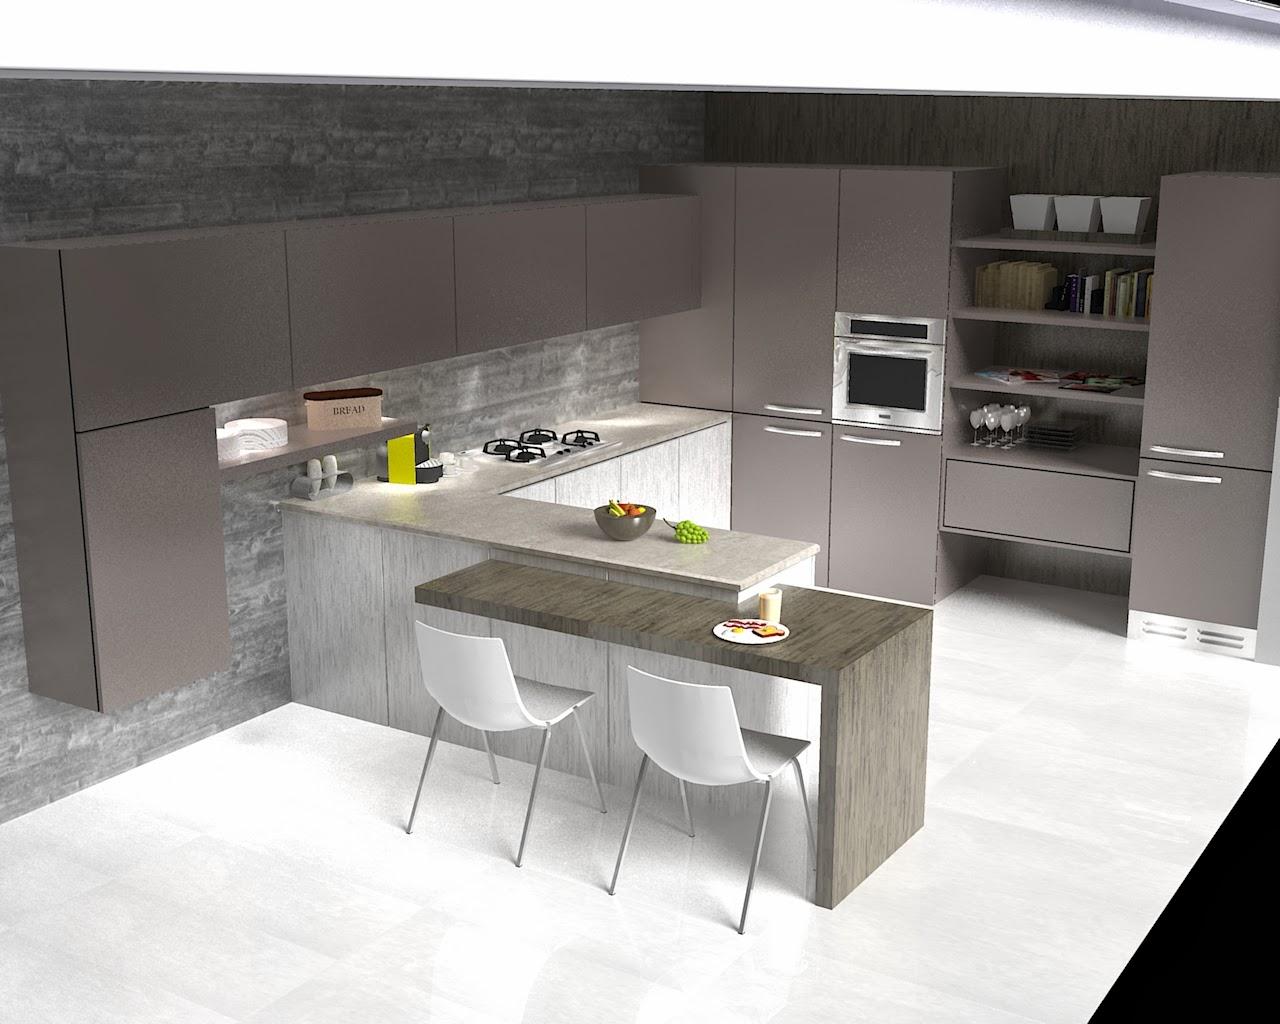 Simo galleria dei vostri lavori cucina for Progetto cucina online gratis